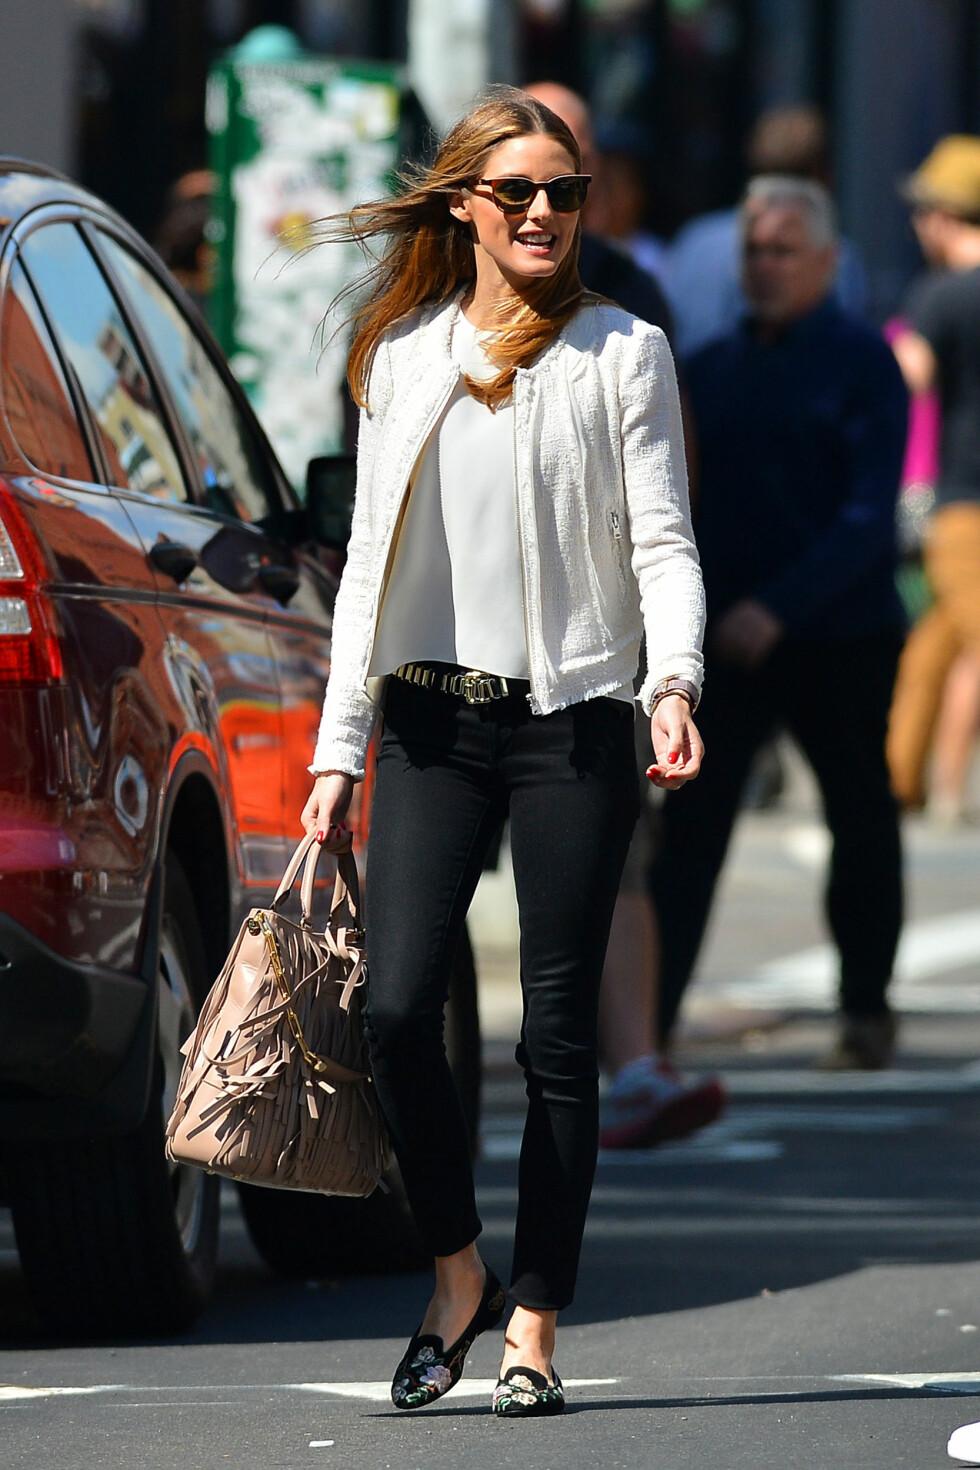 <strong>JAKKEN RETTER FOKUS MOT MIDJEN:</strong> Stilikon Olivoia Palermo inspirerer oss bestandig - her har hun stylet sorte jeans med en tynn silketopp, et rocka belte og en hvit kort jakke, som gir henne mer midje. De flate skoene, solbrillene og frynsevesken gjør antrekket enda mer spennende. Foto: PacificCoastNews/All Over Press